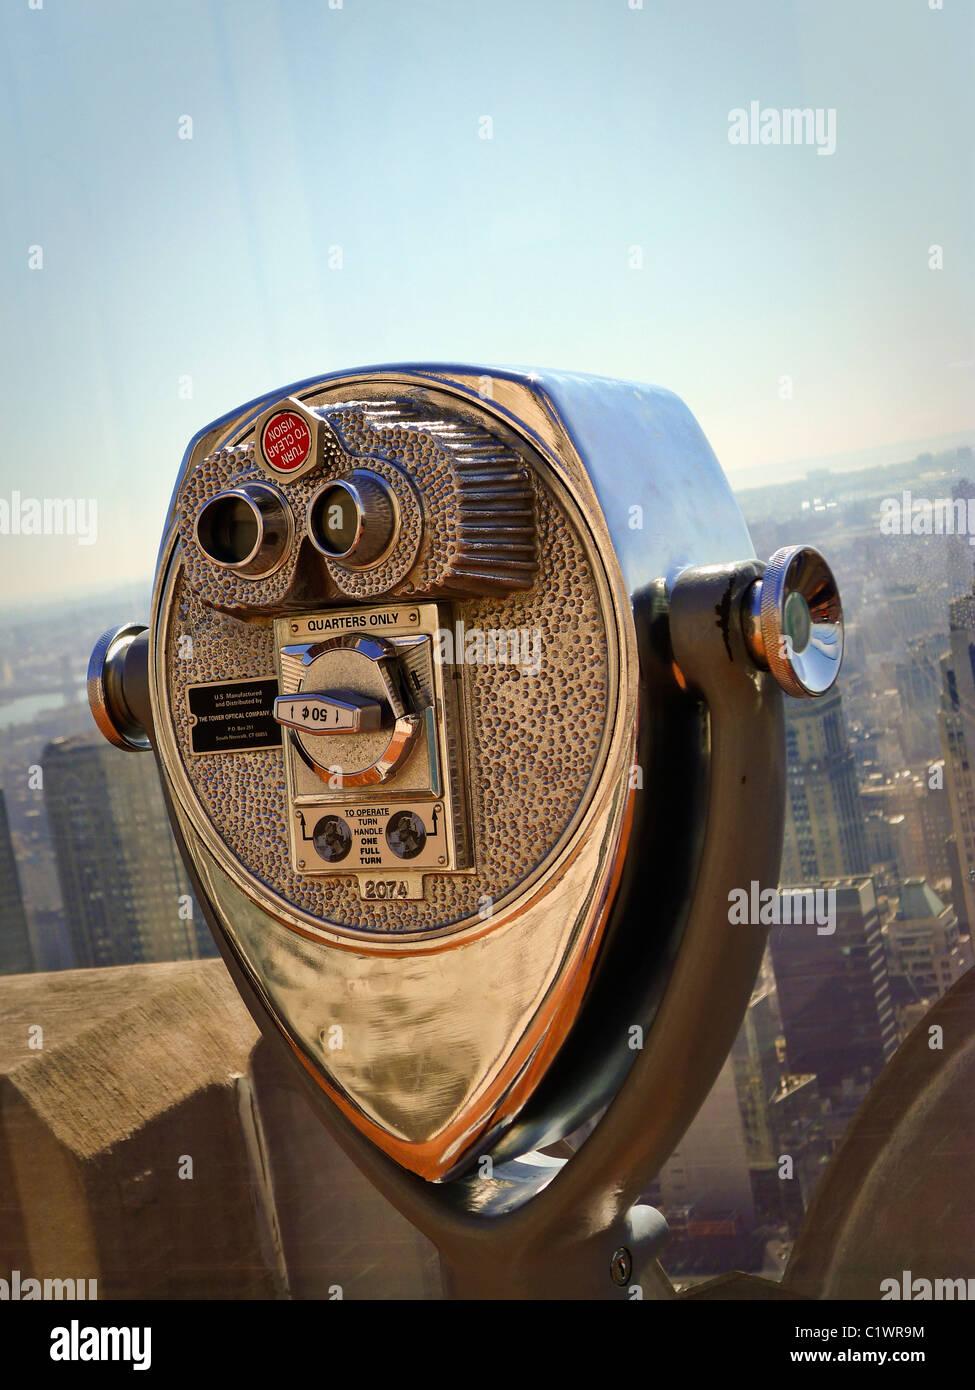 Las ciudades estadounidenses, Nueva York City Sightseeing Viewer. Imagen De Stock